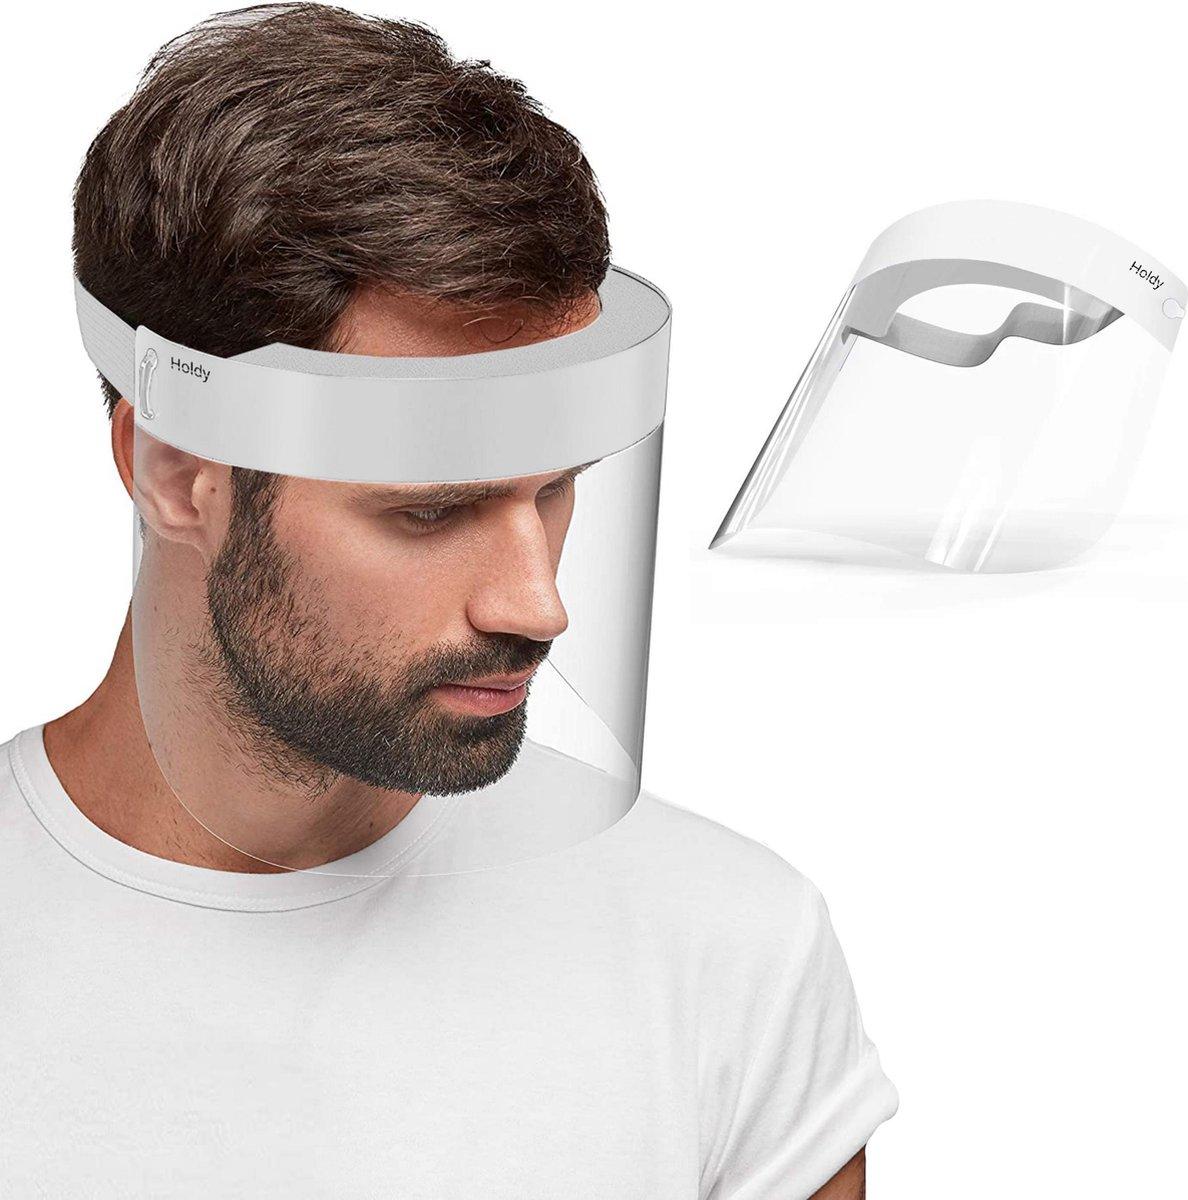 Spatmasker - Face Shield - Gezichtscherm - Face Mask - Spatscherm - Gelaatscherm - 1 stuks